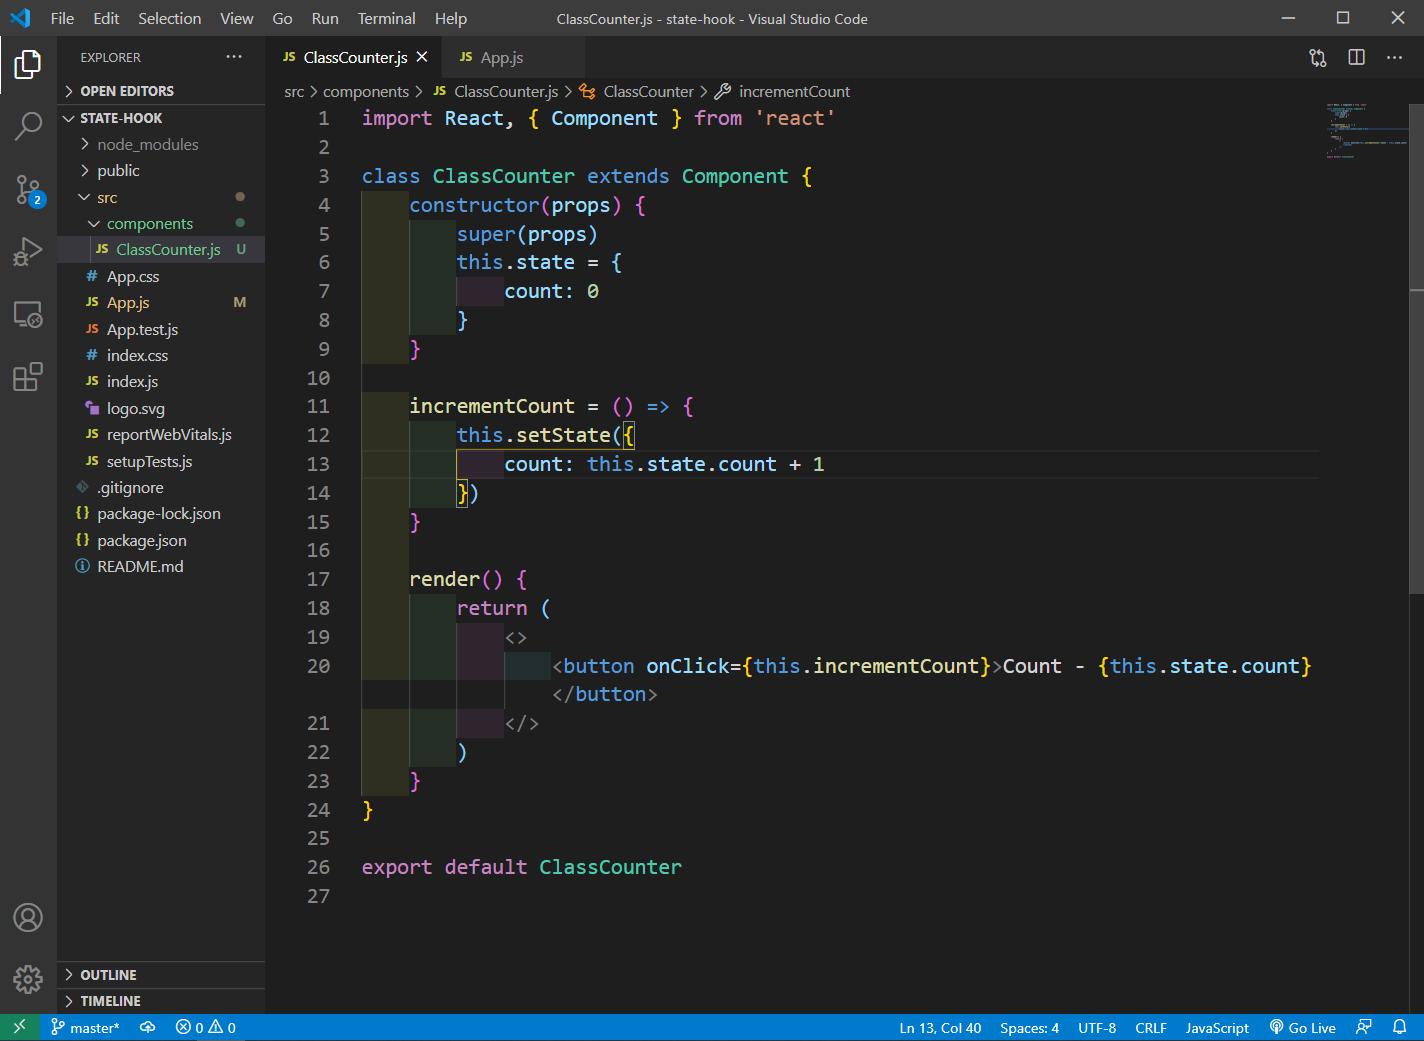 ClassCounter.js